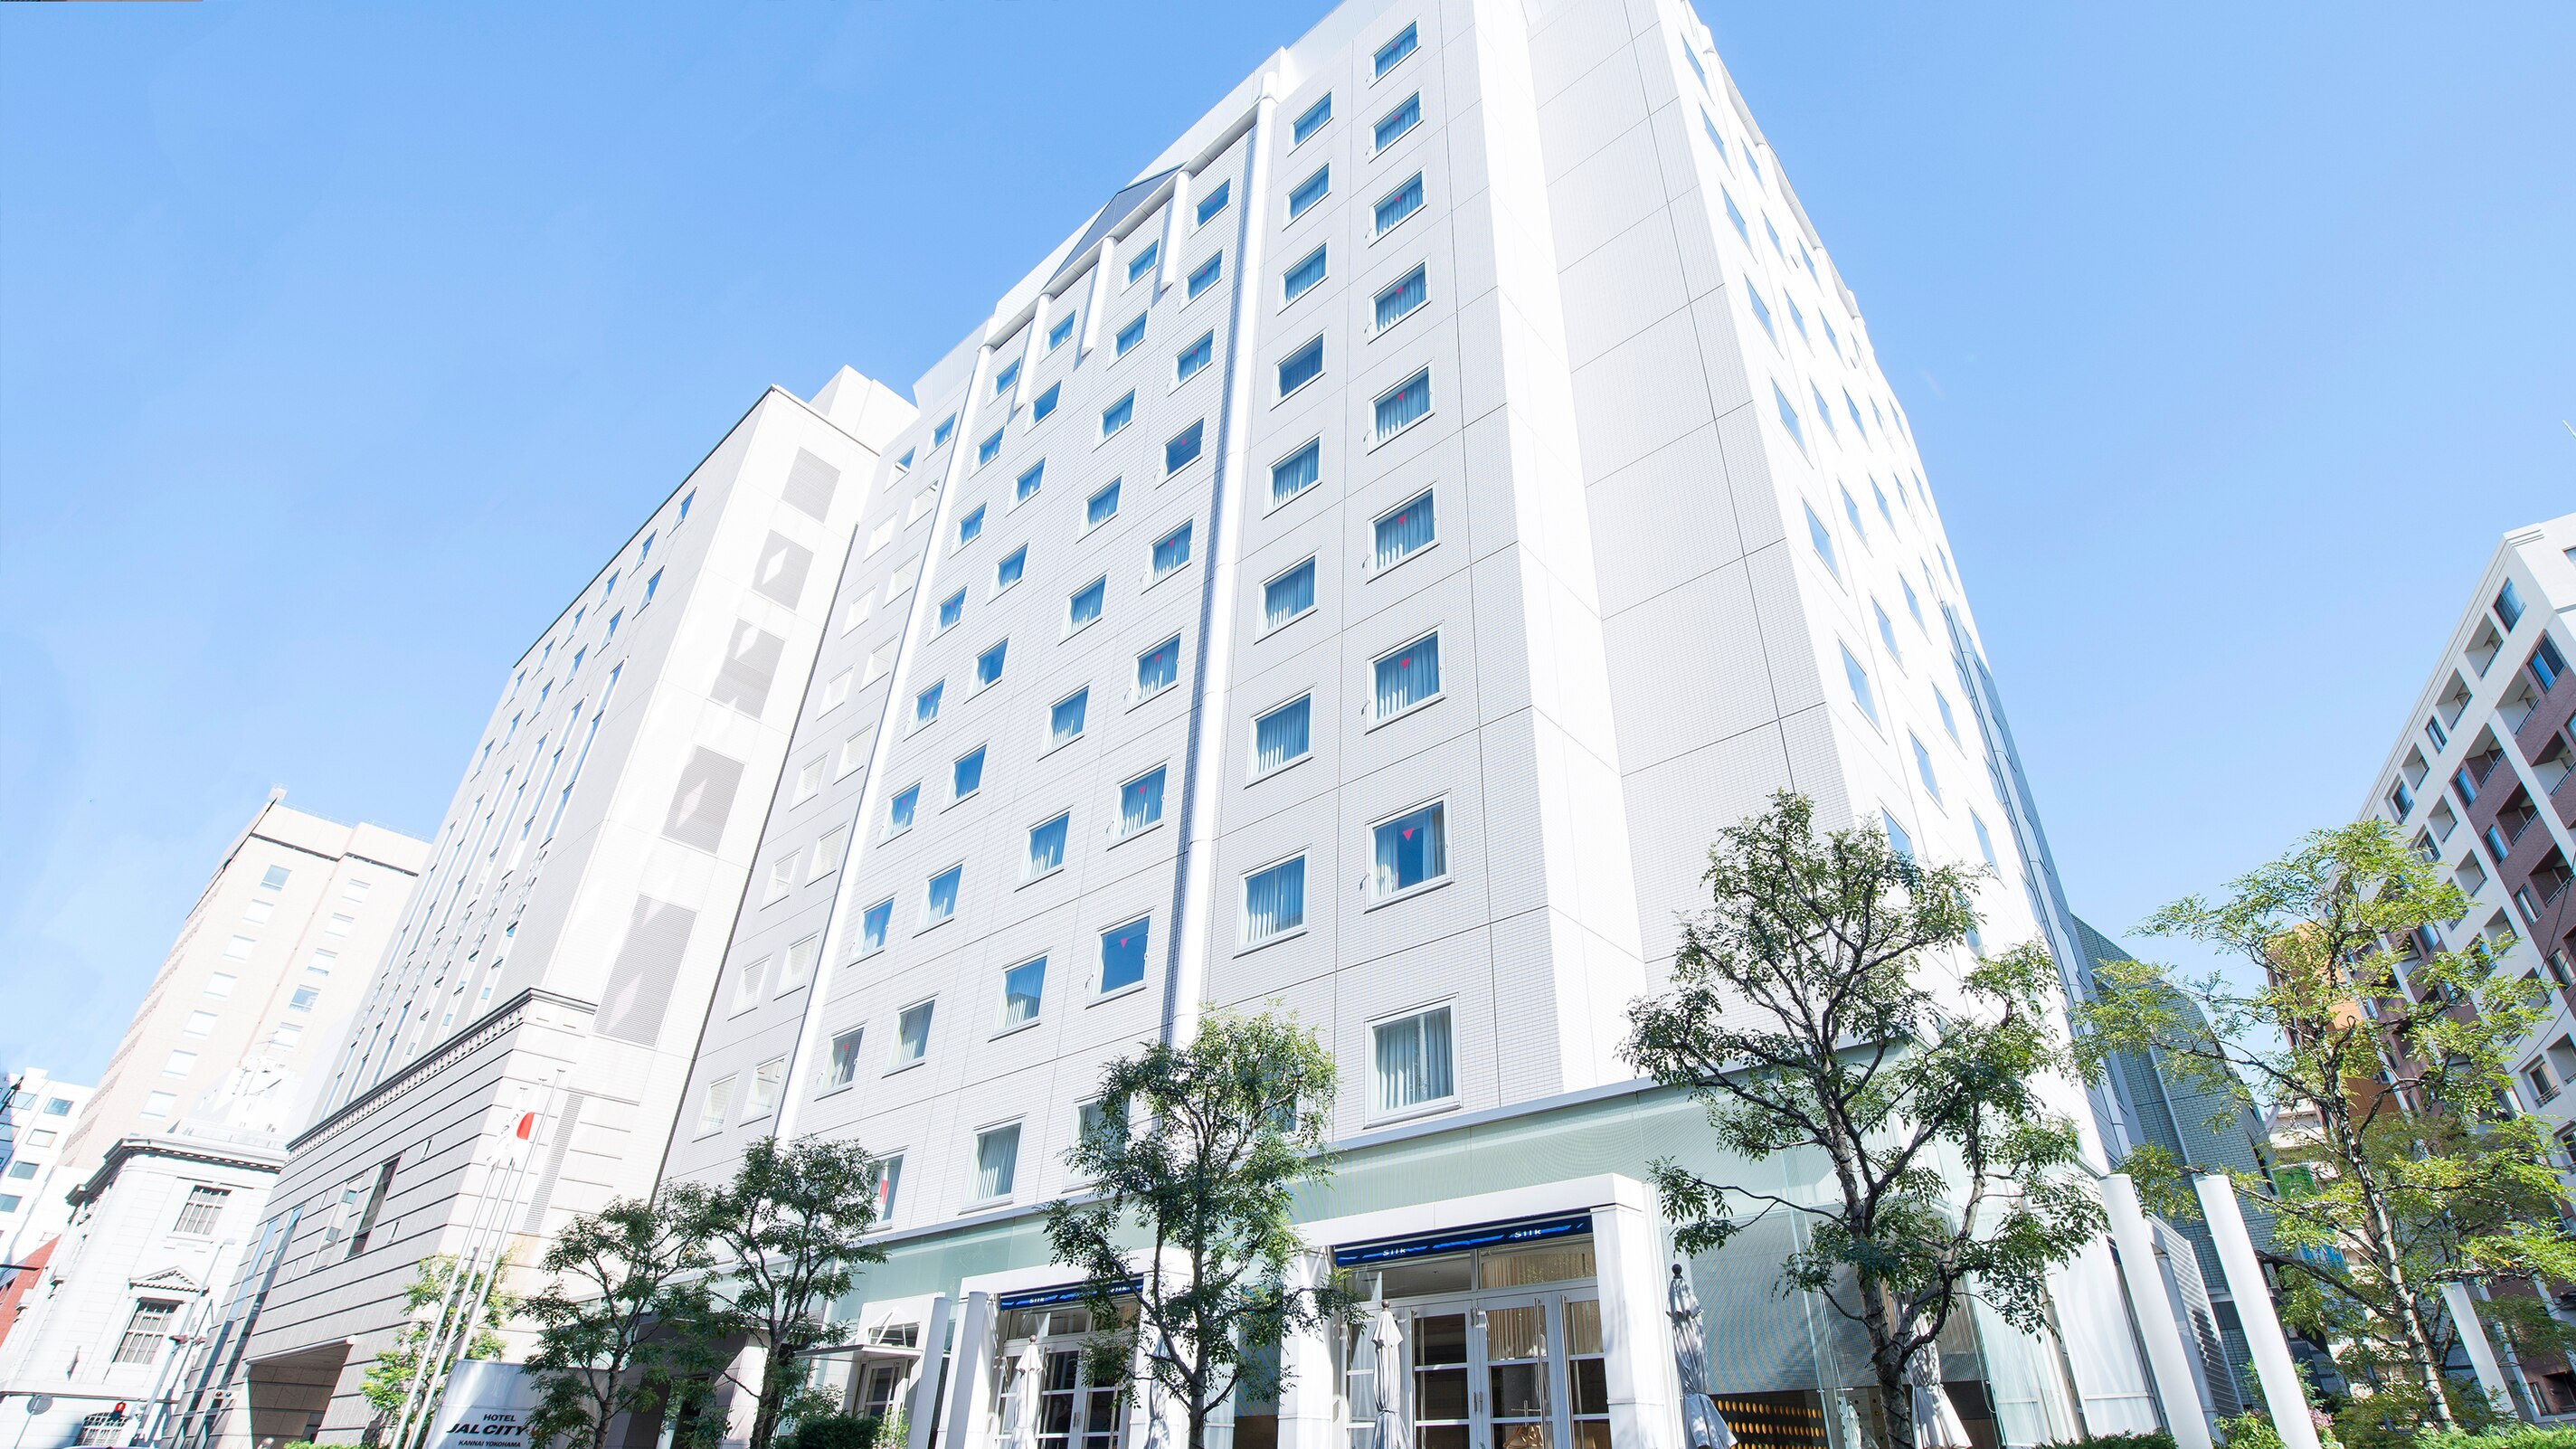 ホテルJALシティ関内 横浜 image